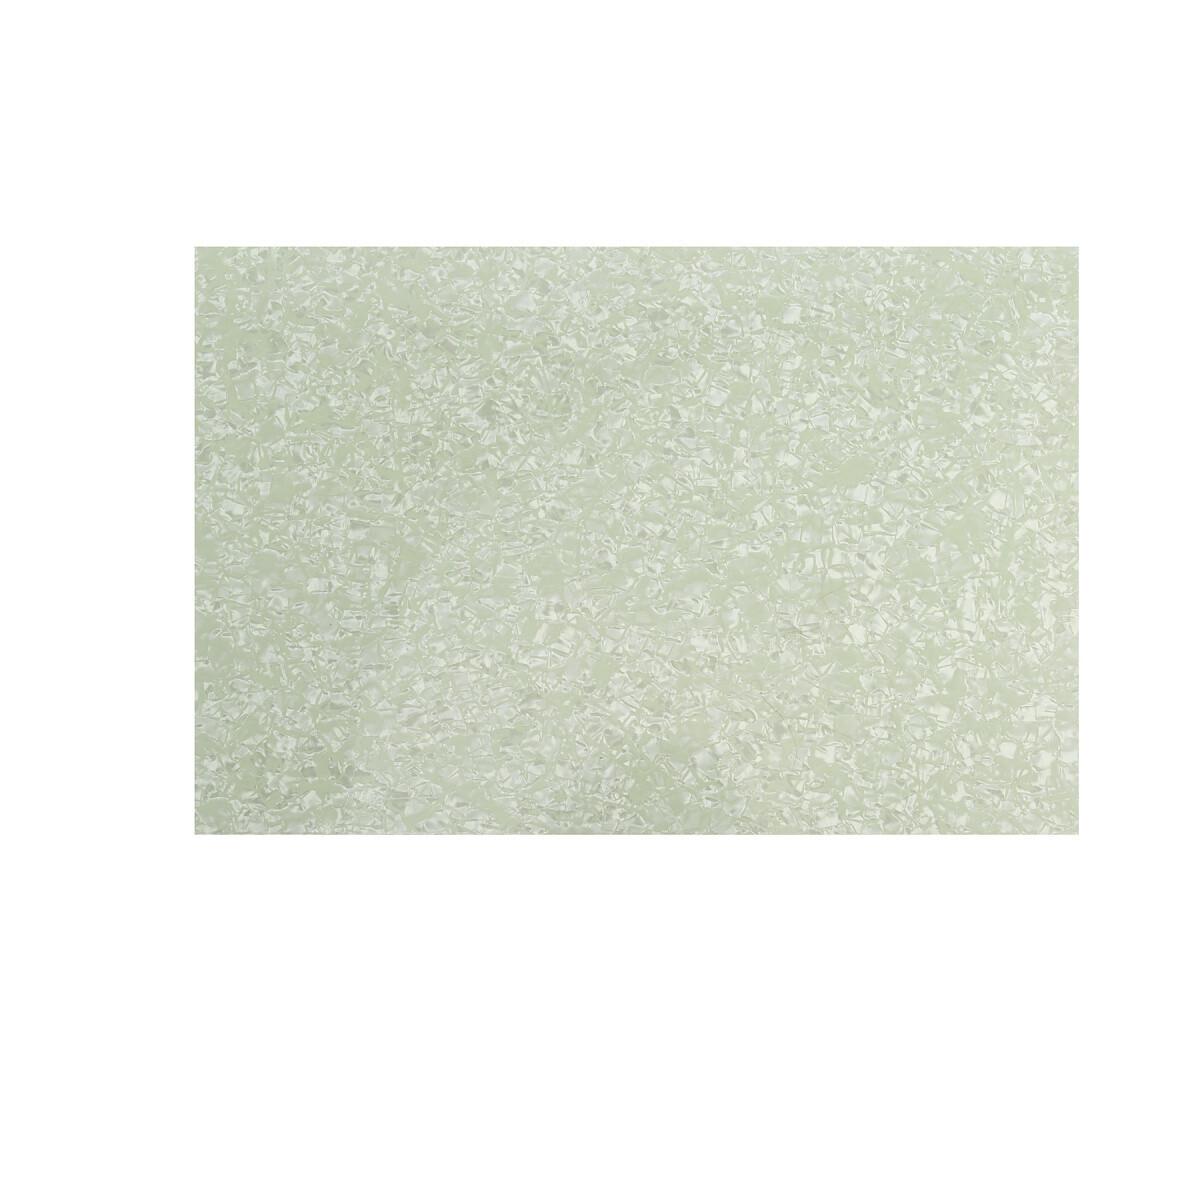 """Brio Pickguard Blanks 12"""" x 17"""" 4 Ply Pearloid Mint Green"""